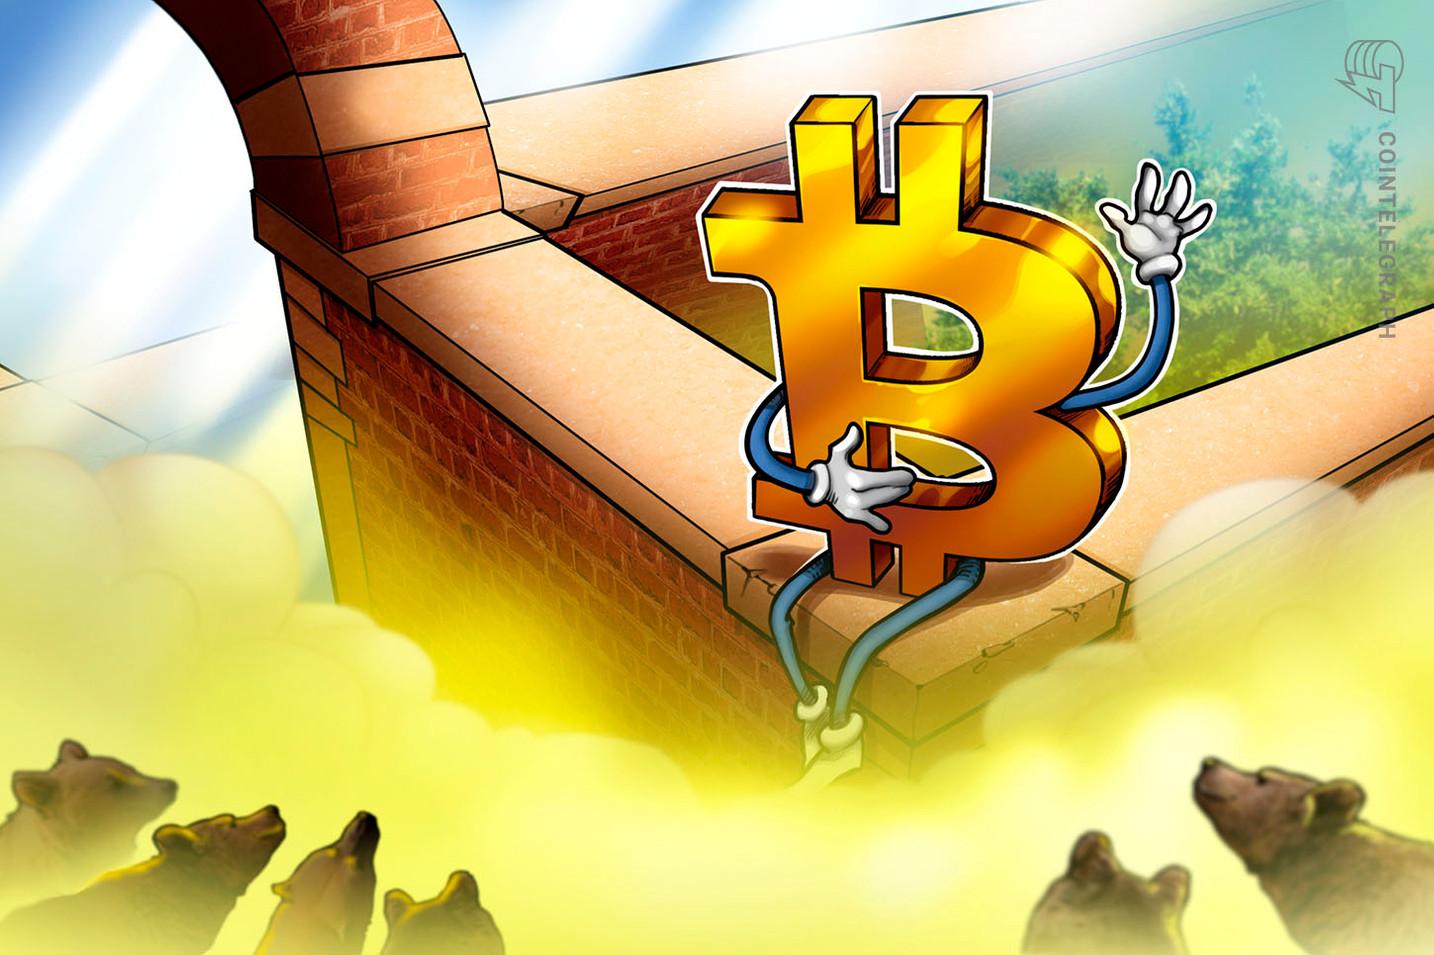 ¿El precio de Bitcoin alcanzará los 8,000 dólares gracias al halving? Las opciones de BTC no son tan alcistas